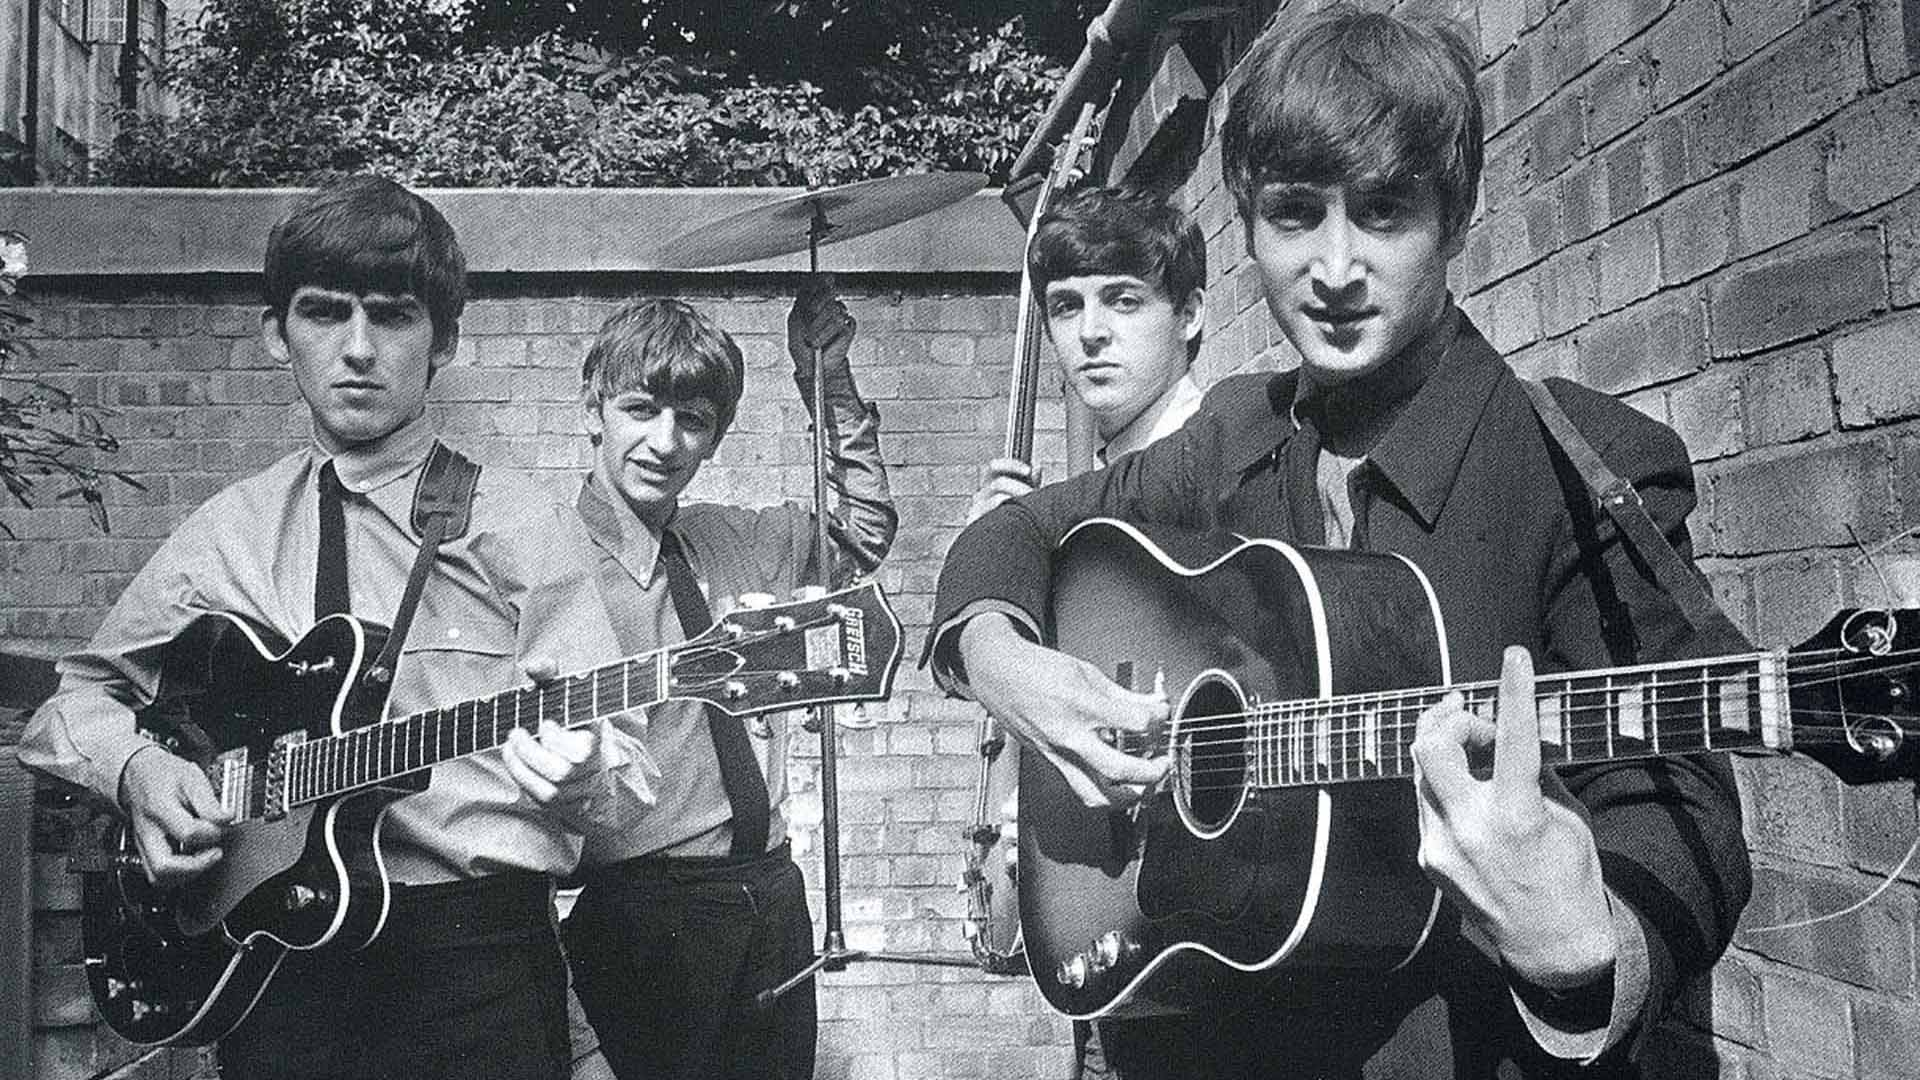 [50+] Beatles Wallpaper 1920 x 1080 on WallpaperSafari